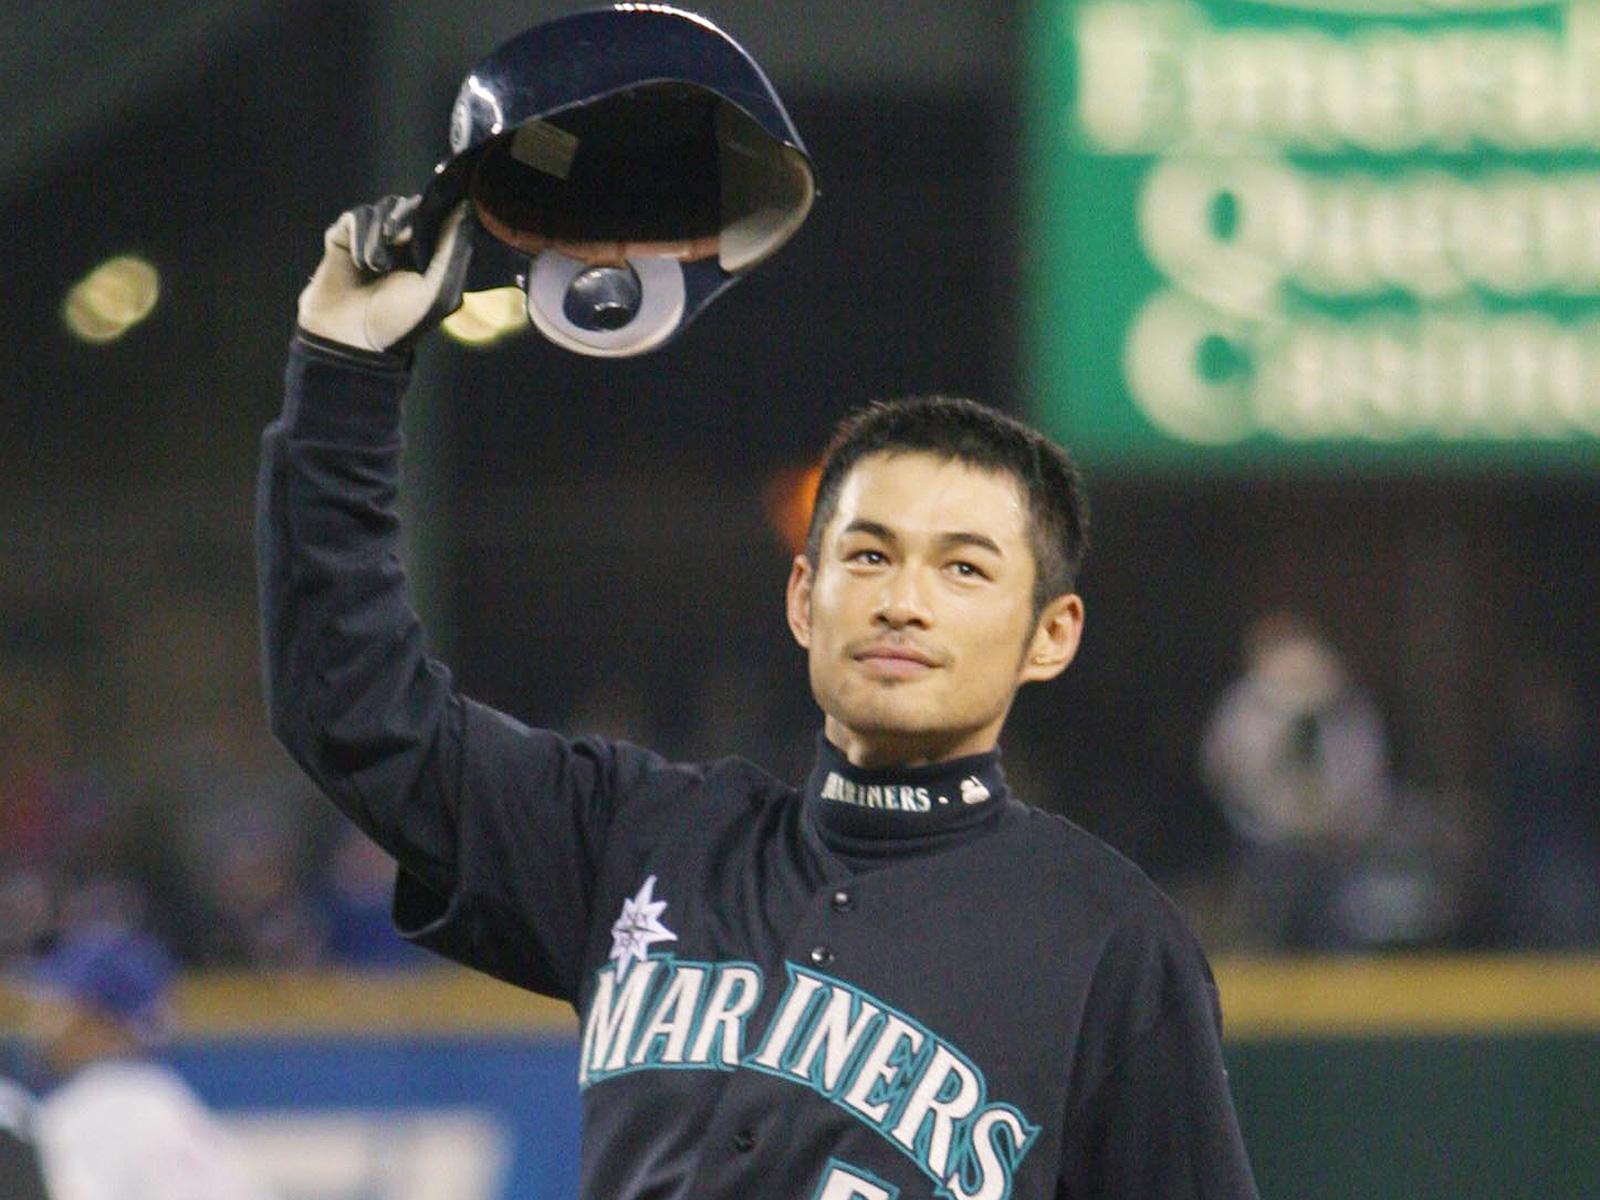 Seattle Mariners Ichiro Suzuki